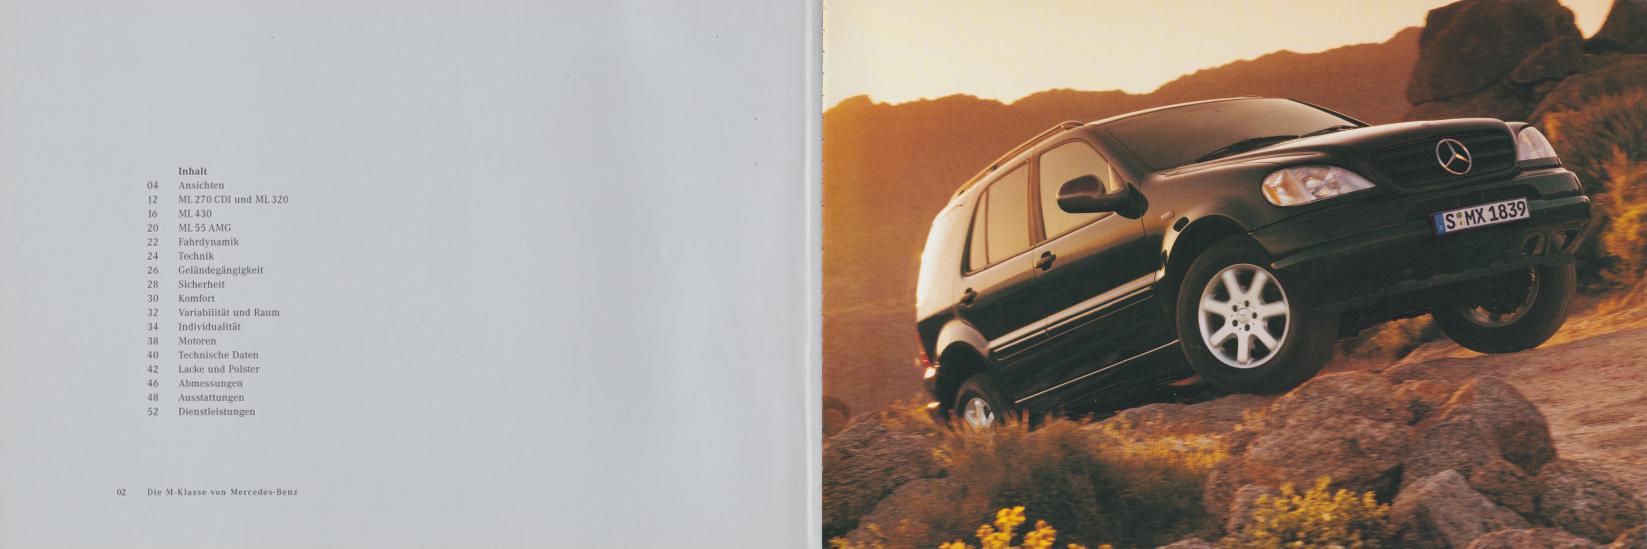 (W163): Catálogo 2000 - alemão 003